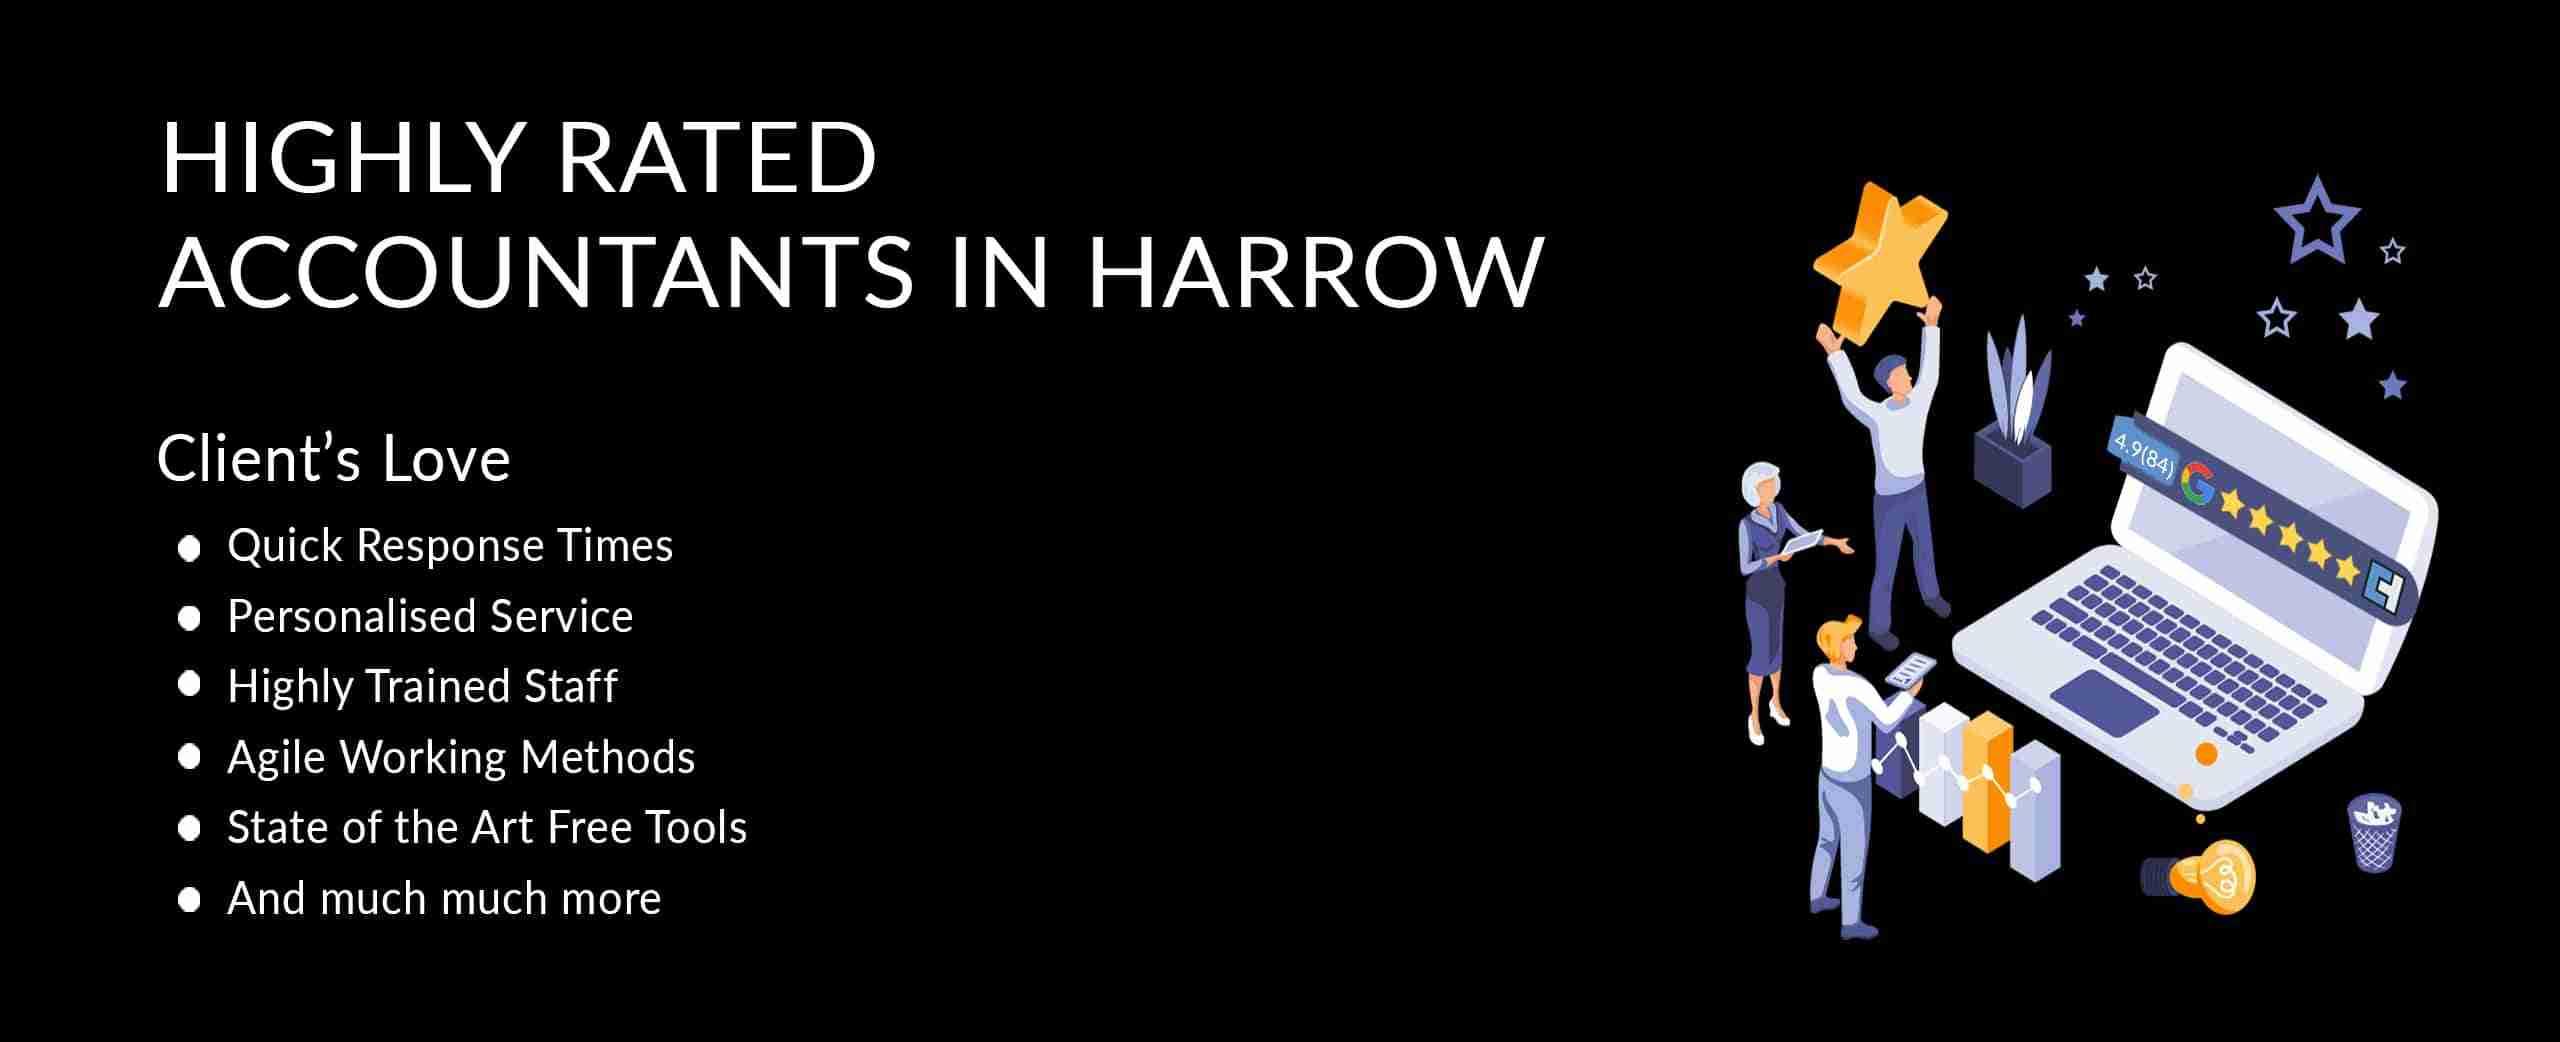 Accountants in Harrow